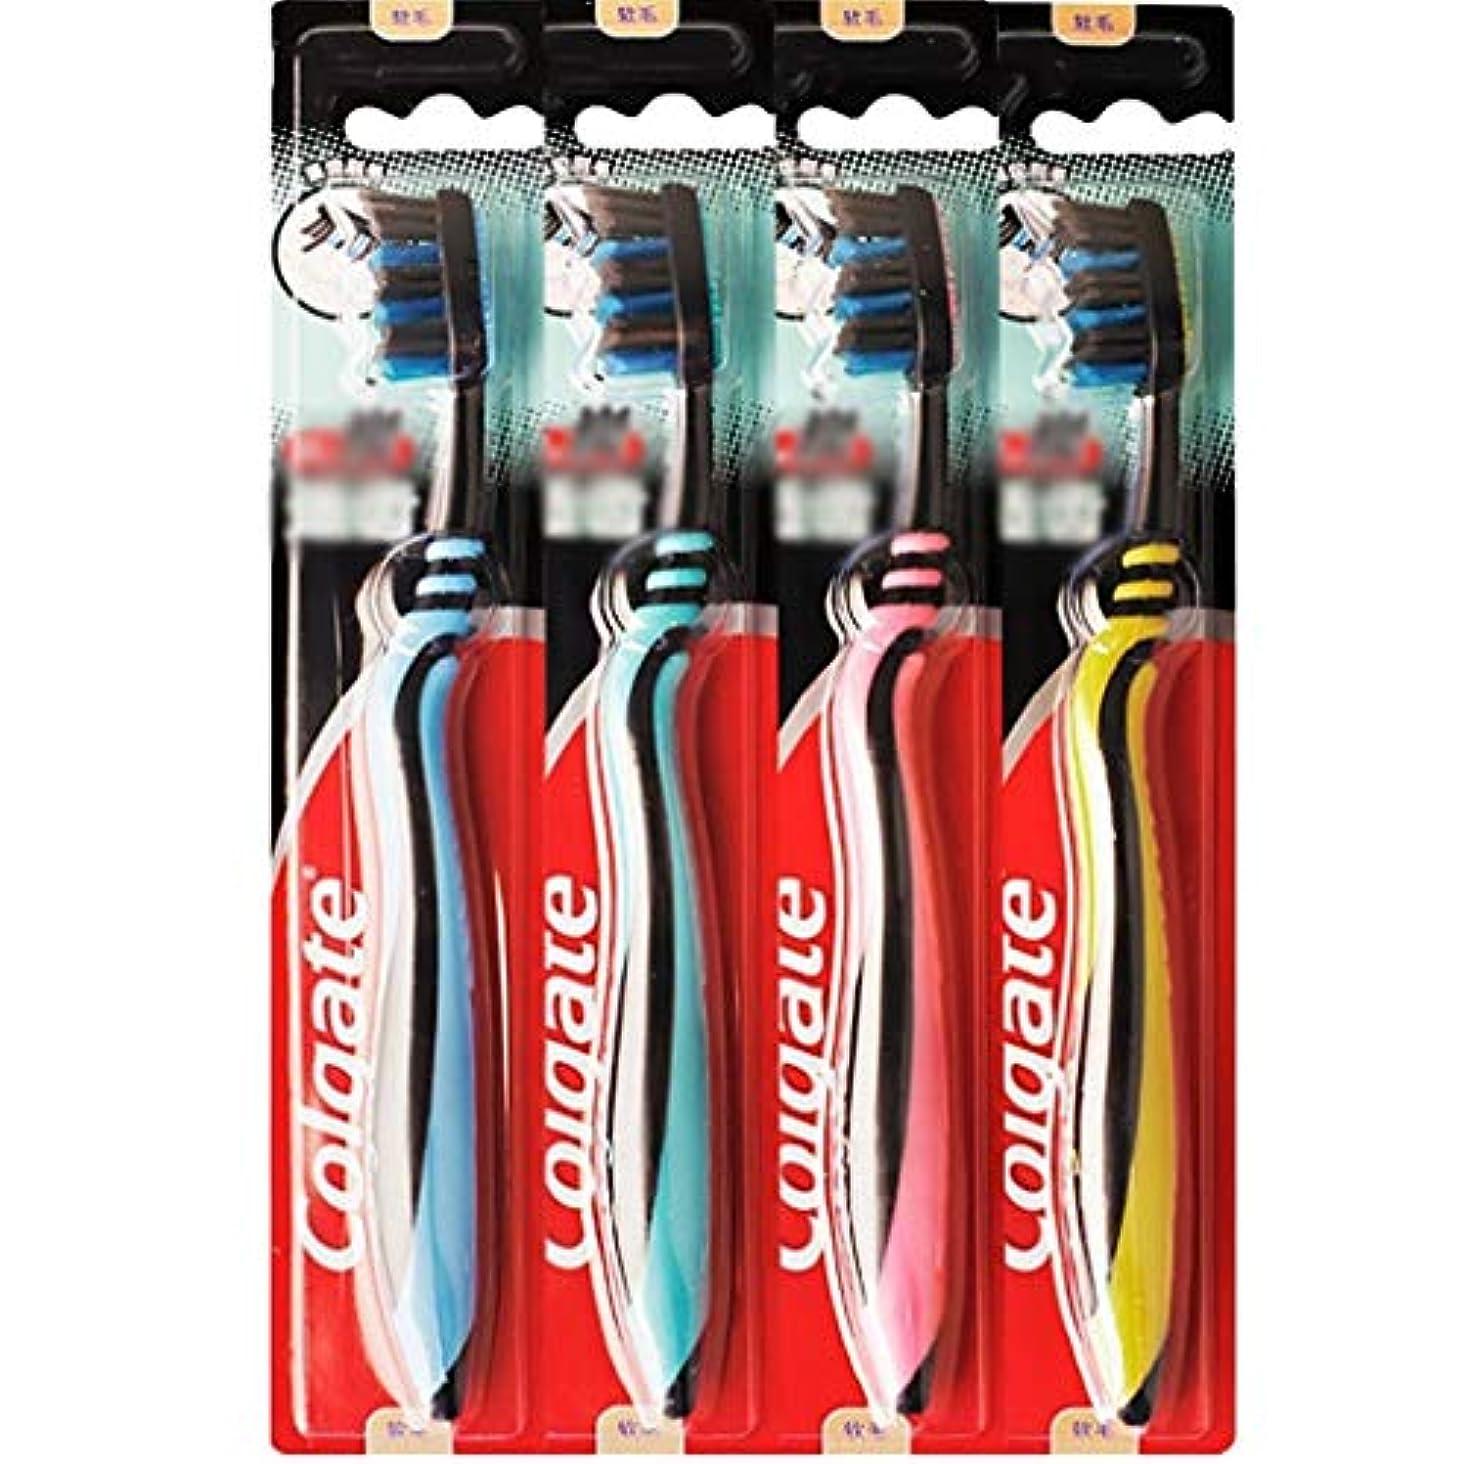 サーバント複雑ウミウシ歯ブラシ 歯の深いクリーニングに適した歯ブラシ、カーボンブラック柔らかい歯ブラシ、4本のスティック HL (色 : A)